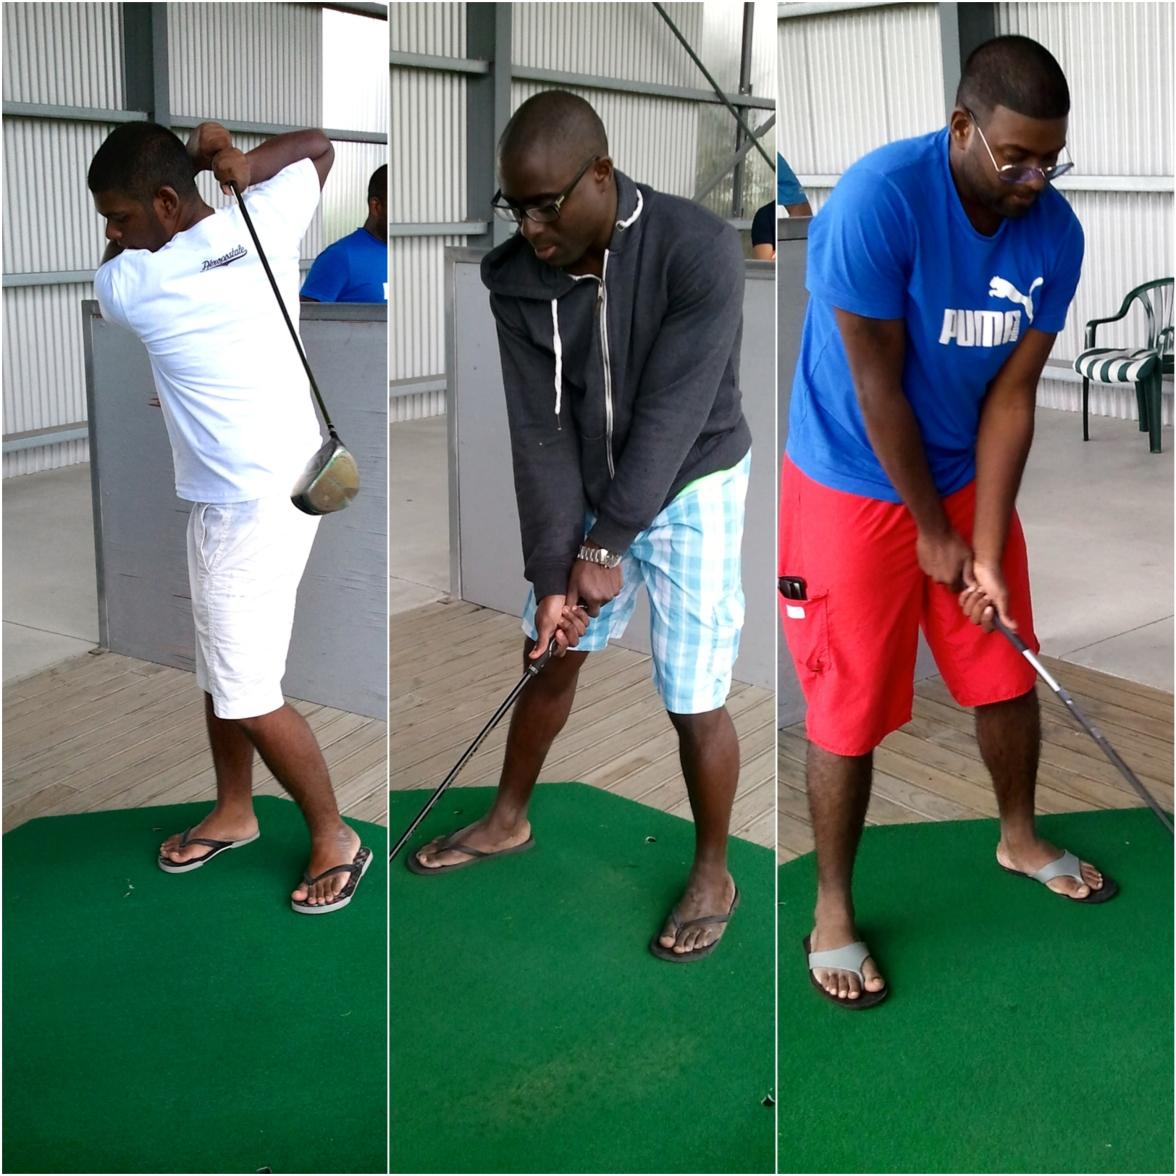 Boys' Golf Club